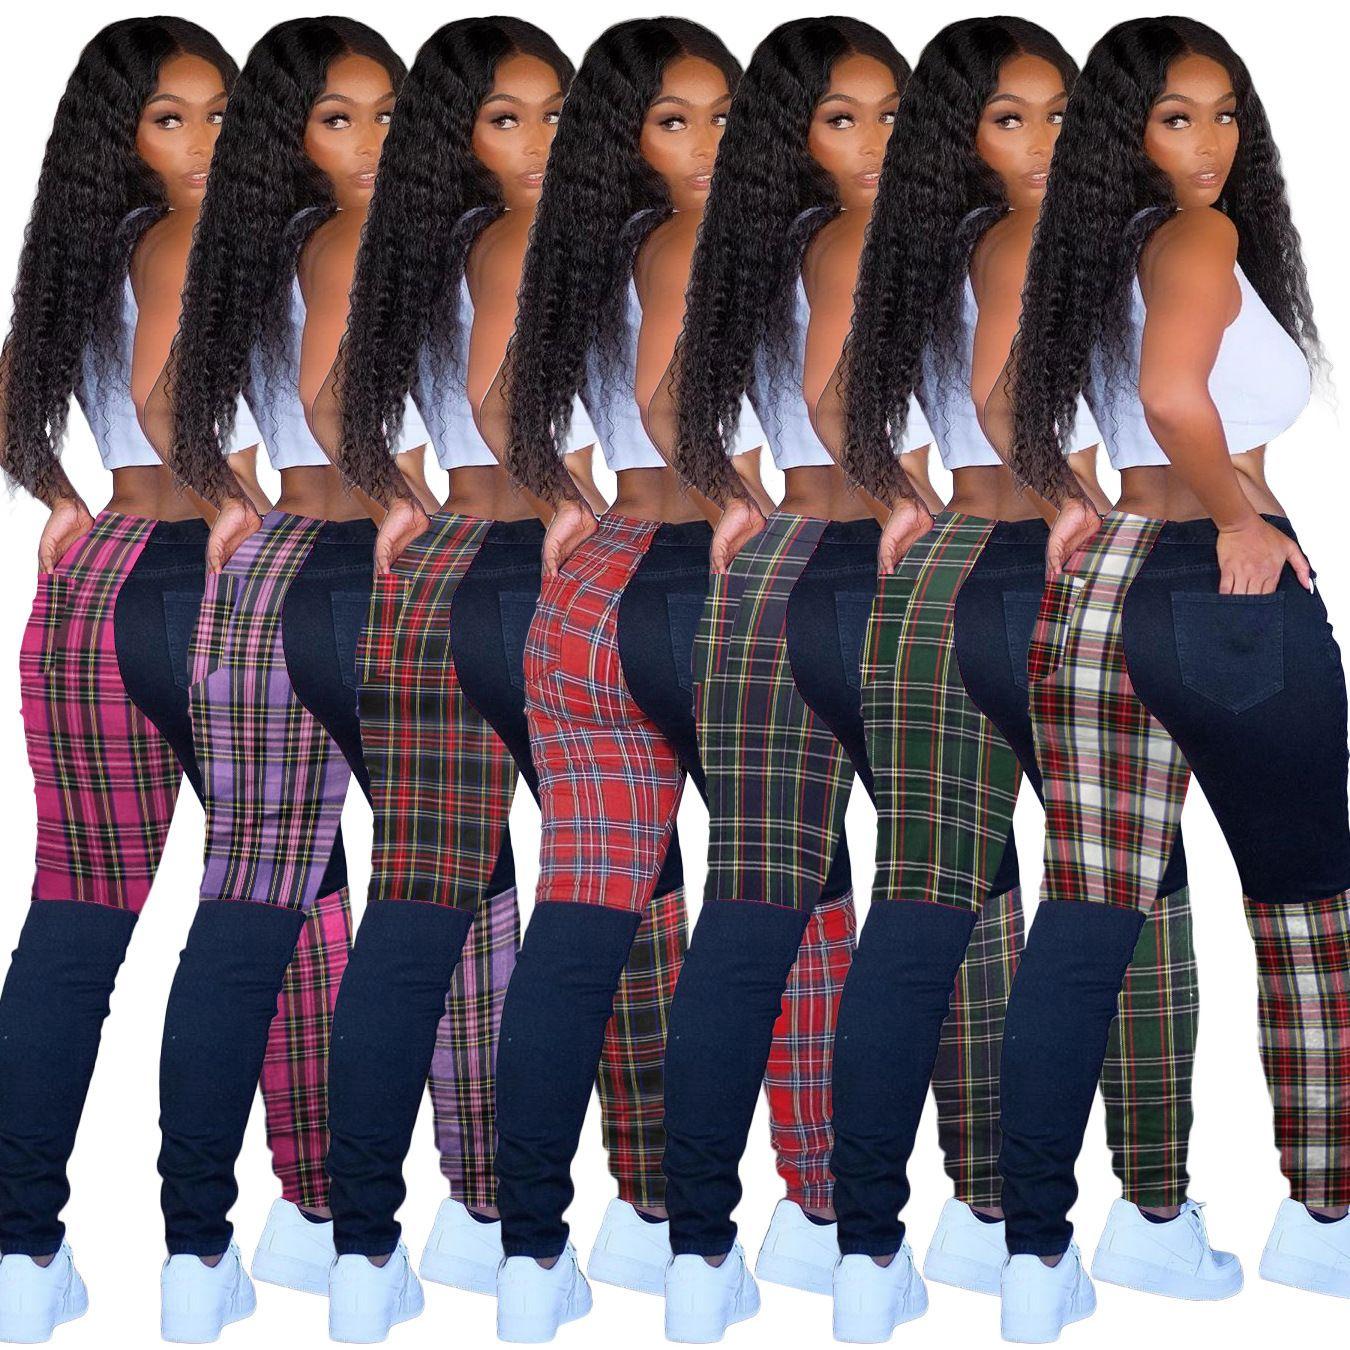 Designer-Frauen-Gamaschen-Gitter-Muster Kontrast Stitching Grid-lange Hosen dünne reizvolle Damen neue Art und Weise Hosen 2020 T208